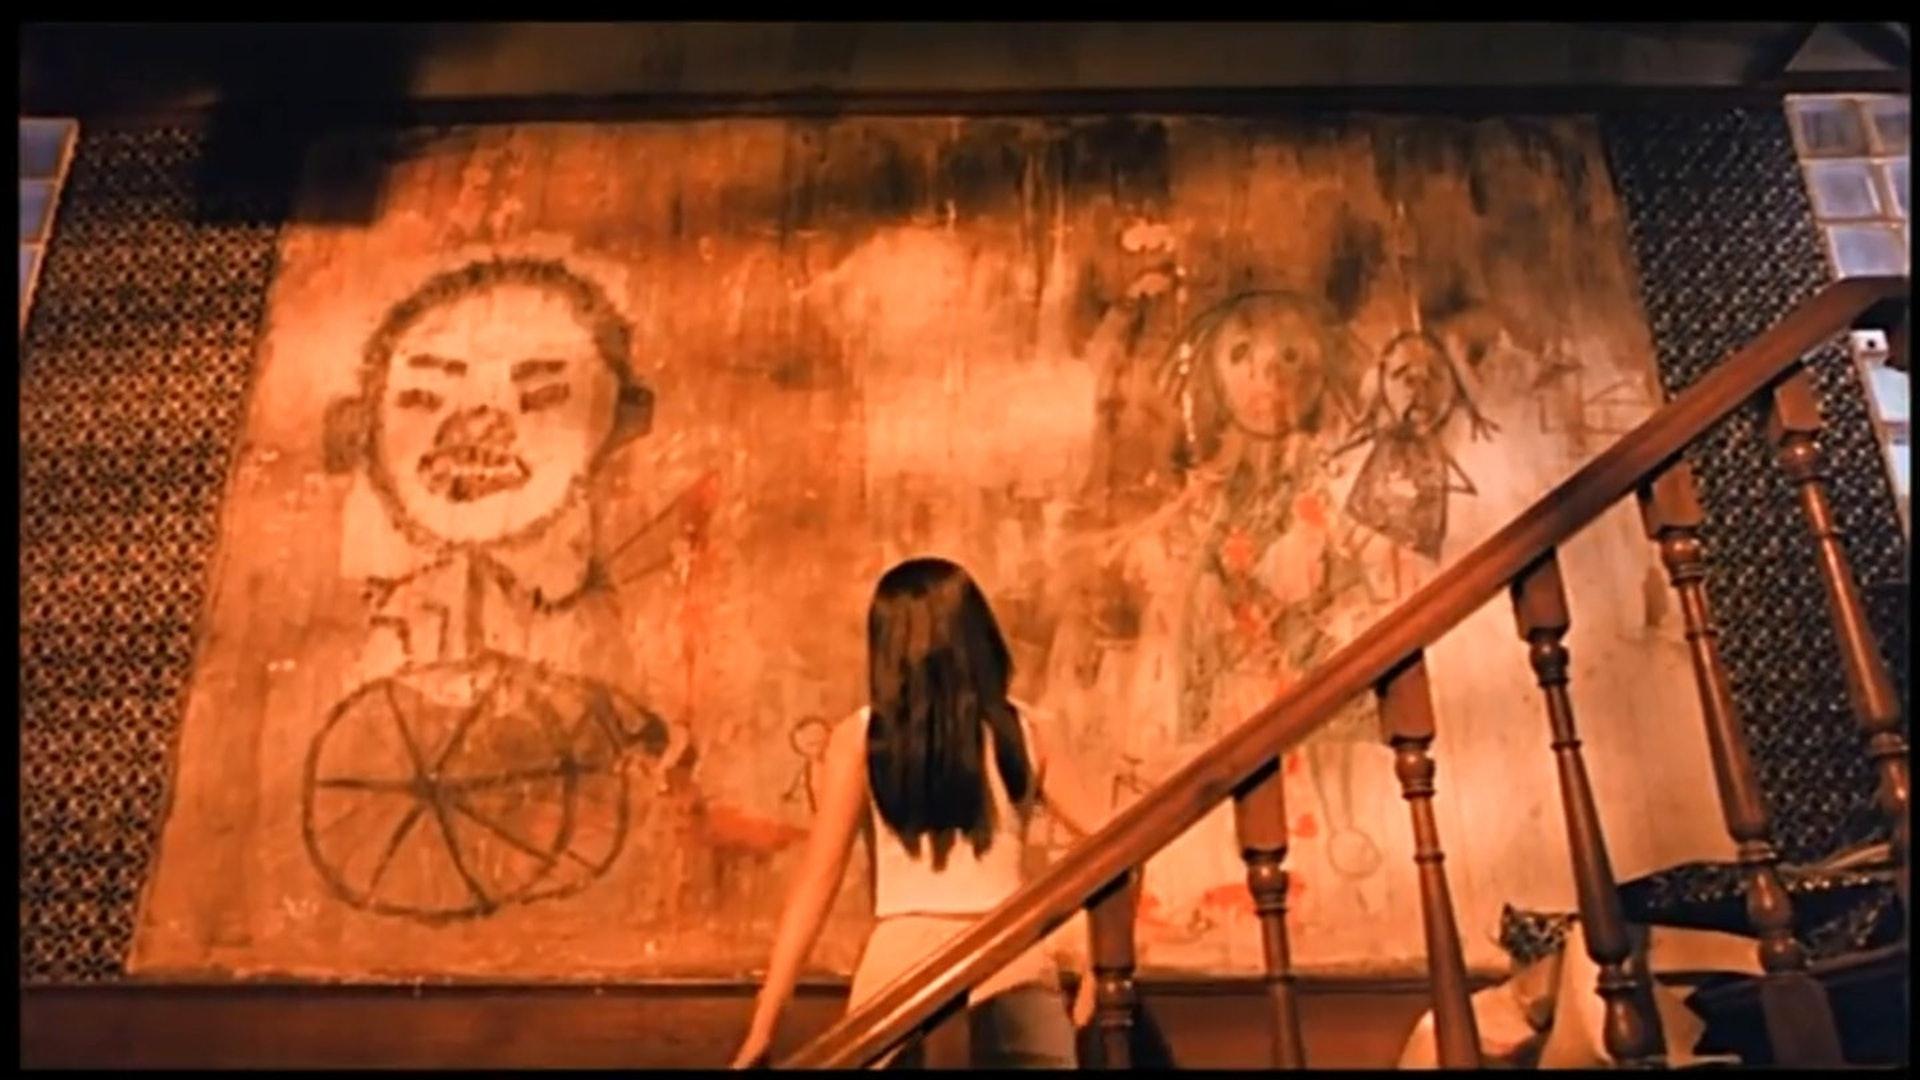 筆者最記得《猛鬼佛跳牆》搣開牆紙一幕。(網上截圖)